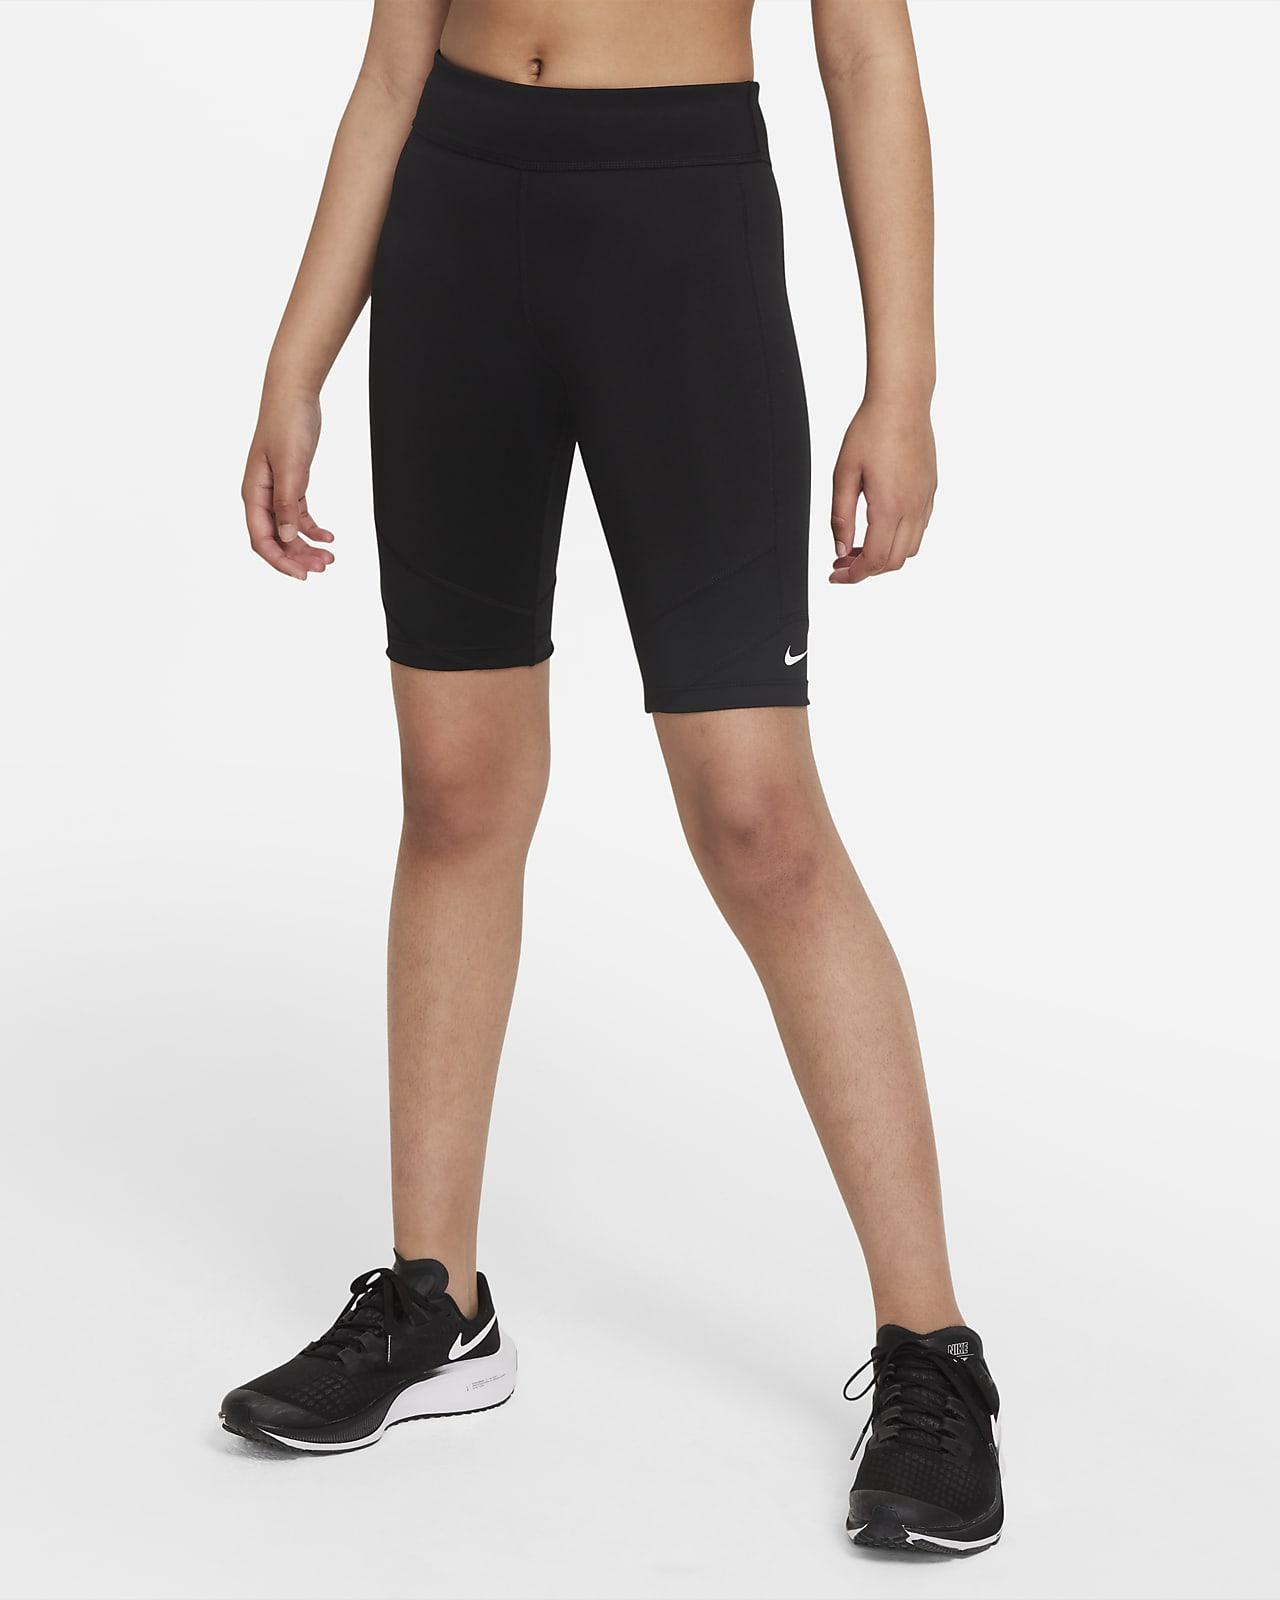 กางเกงปั่นจักรยานขาสั้นเด็กโต Nike Dri-FIT One (หญิง)